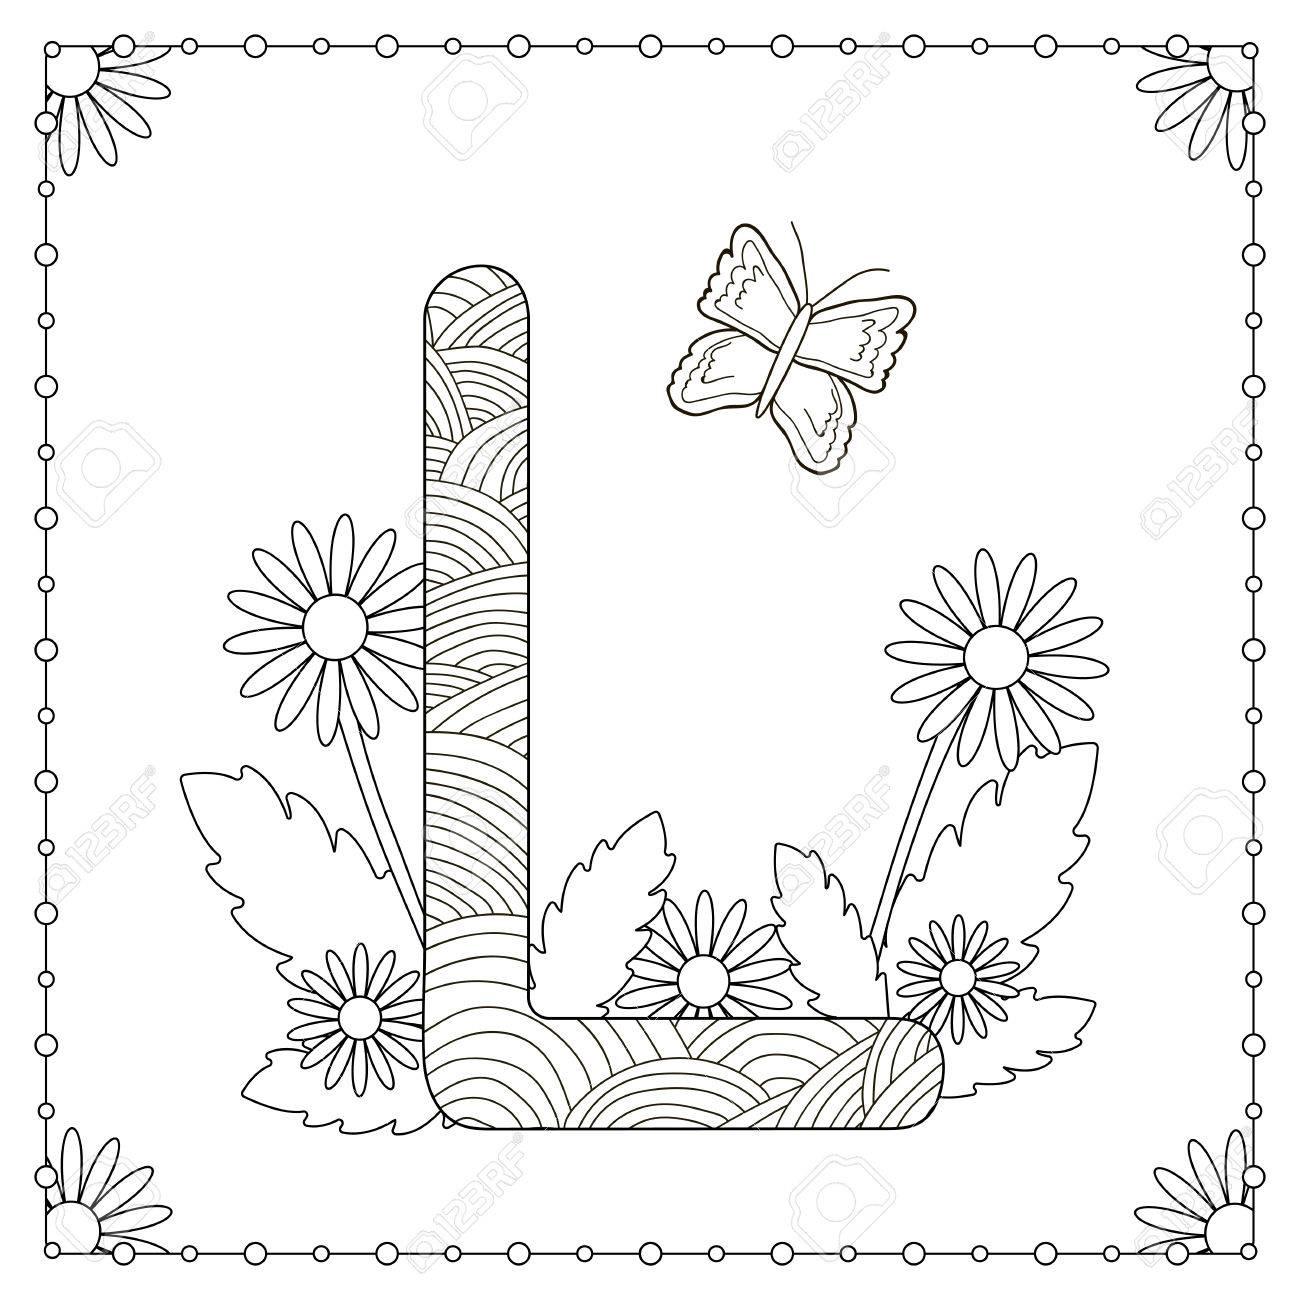 Alphabet Ausmalbilder Großbuchstabe L Mit Blumen Blättern Und